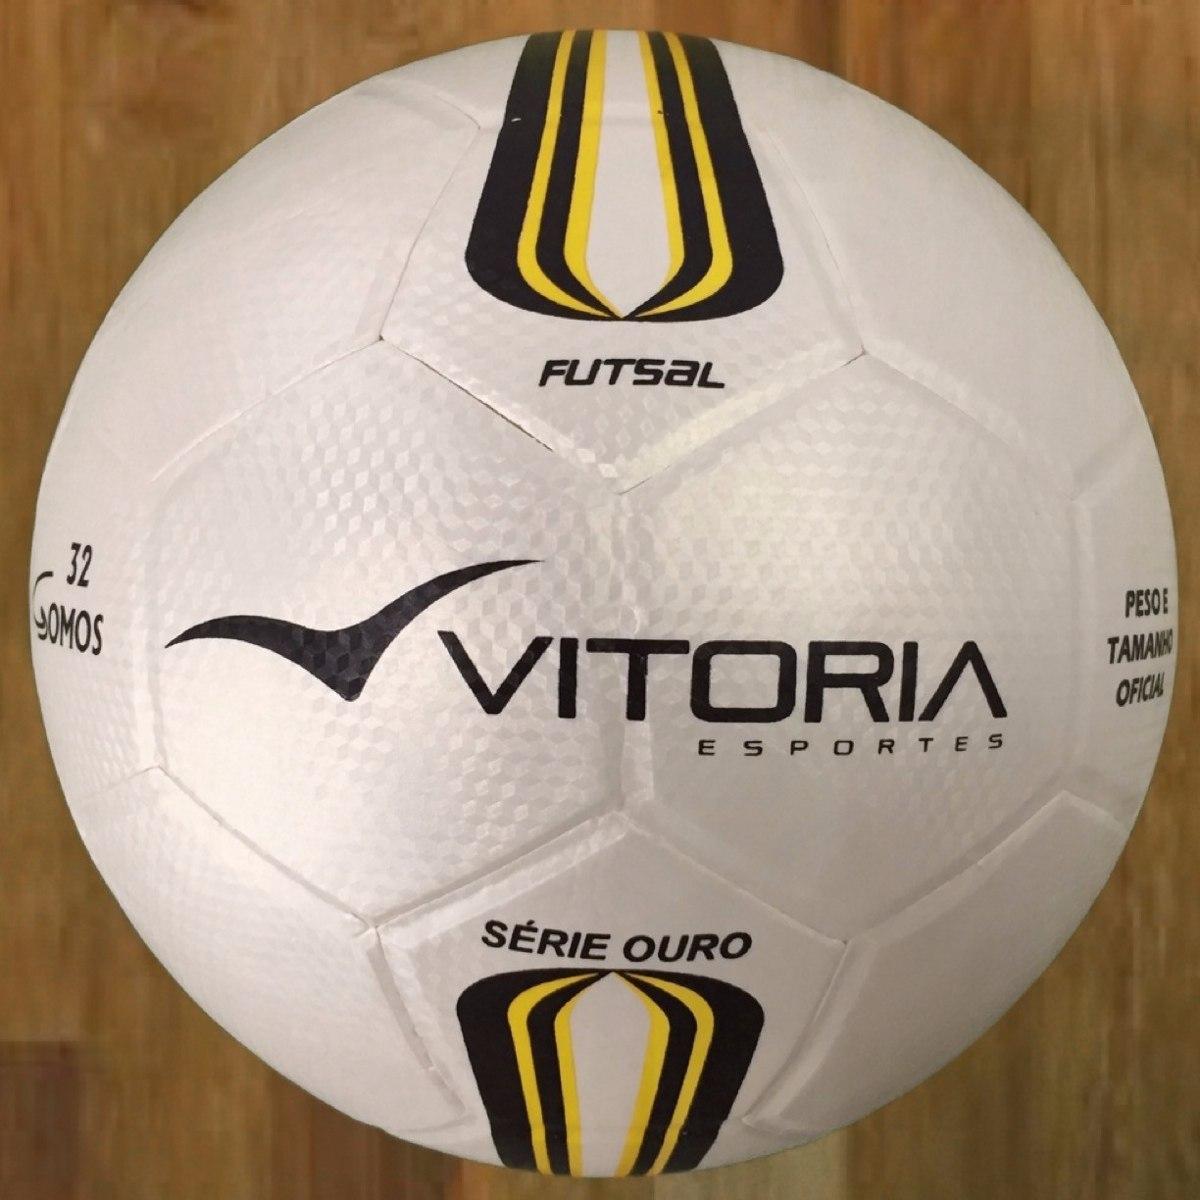 lote 10 bolas futsal vitória oficial série ouro 500 revenda. Carregando  zoom. 6e8b992cad050